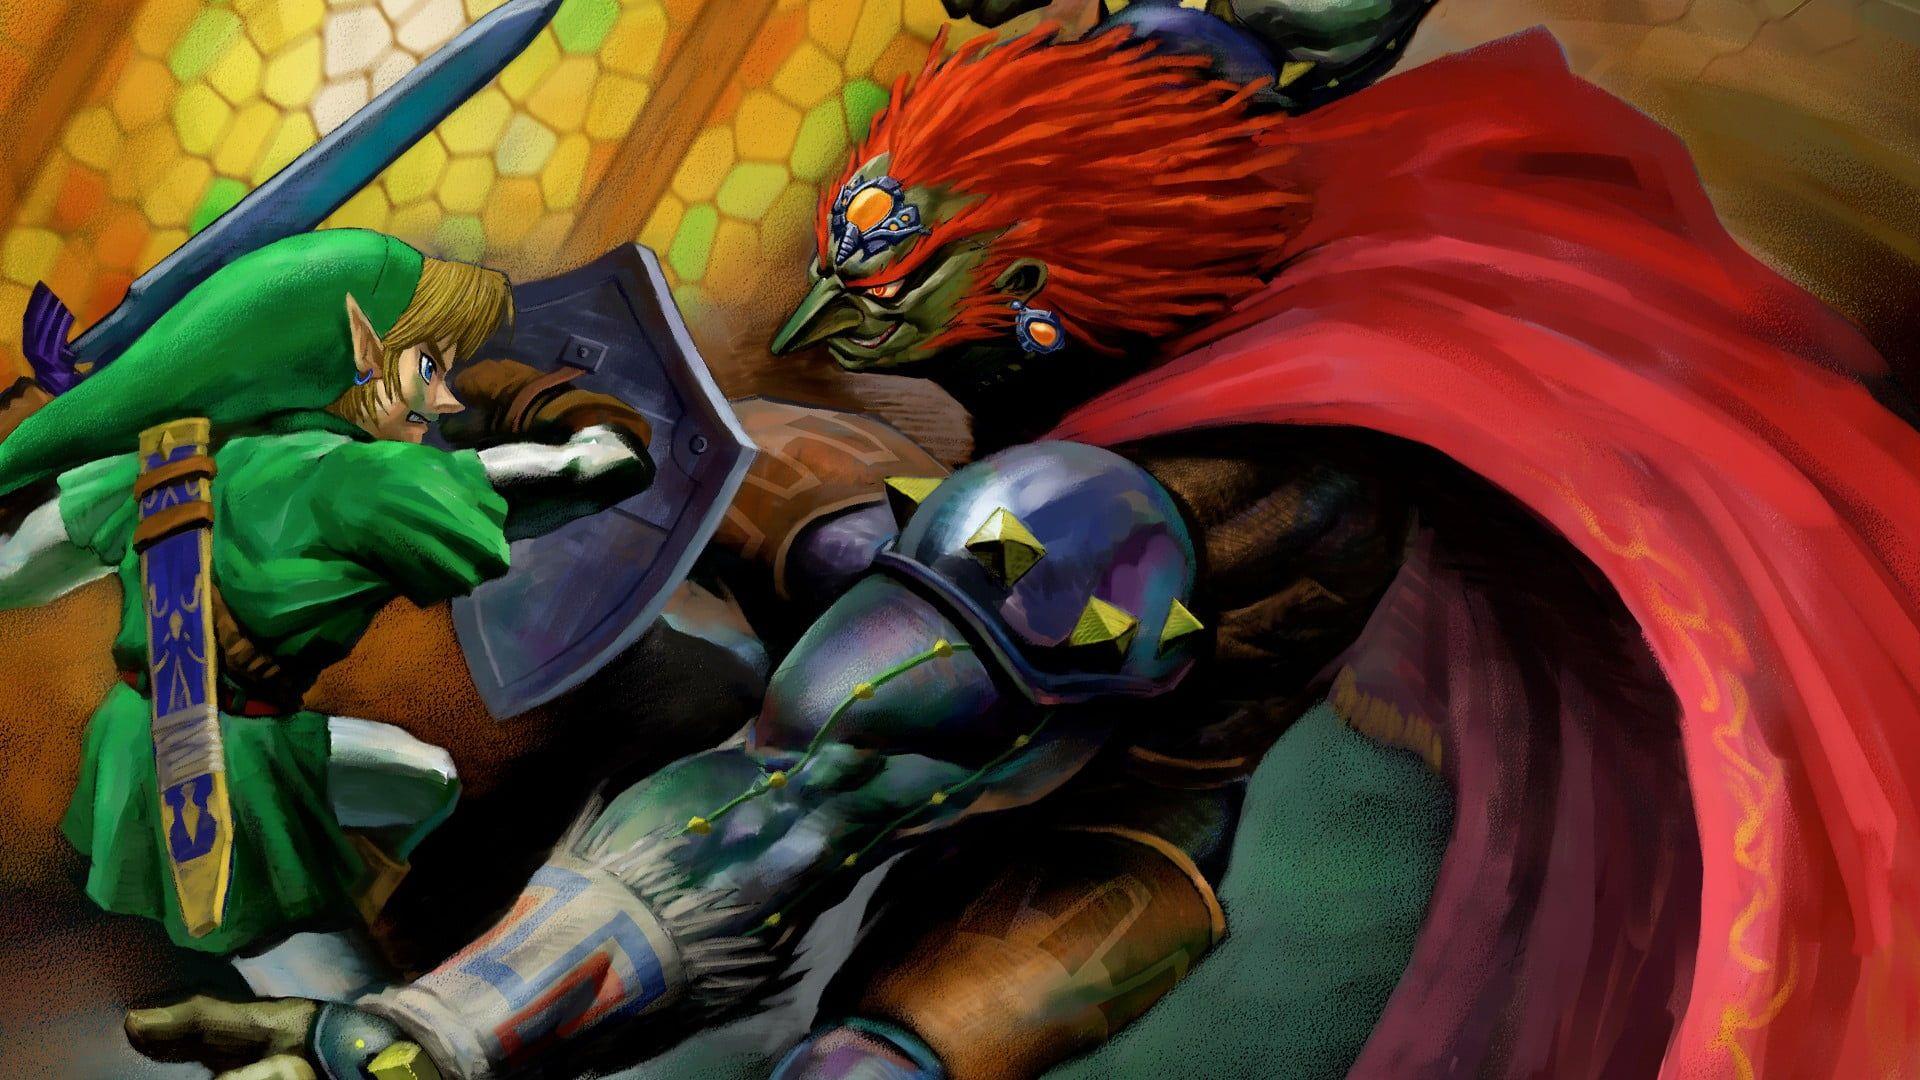 Nintendo Zelda Link Illustration The Legend Of Zelda Ganondorf Master Sword 1080p Wallpaper Hdwallpap Legend Of Zelda Time Wallpaper Legend Of Zelda Poster